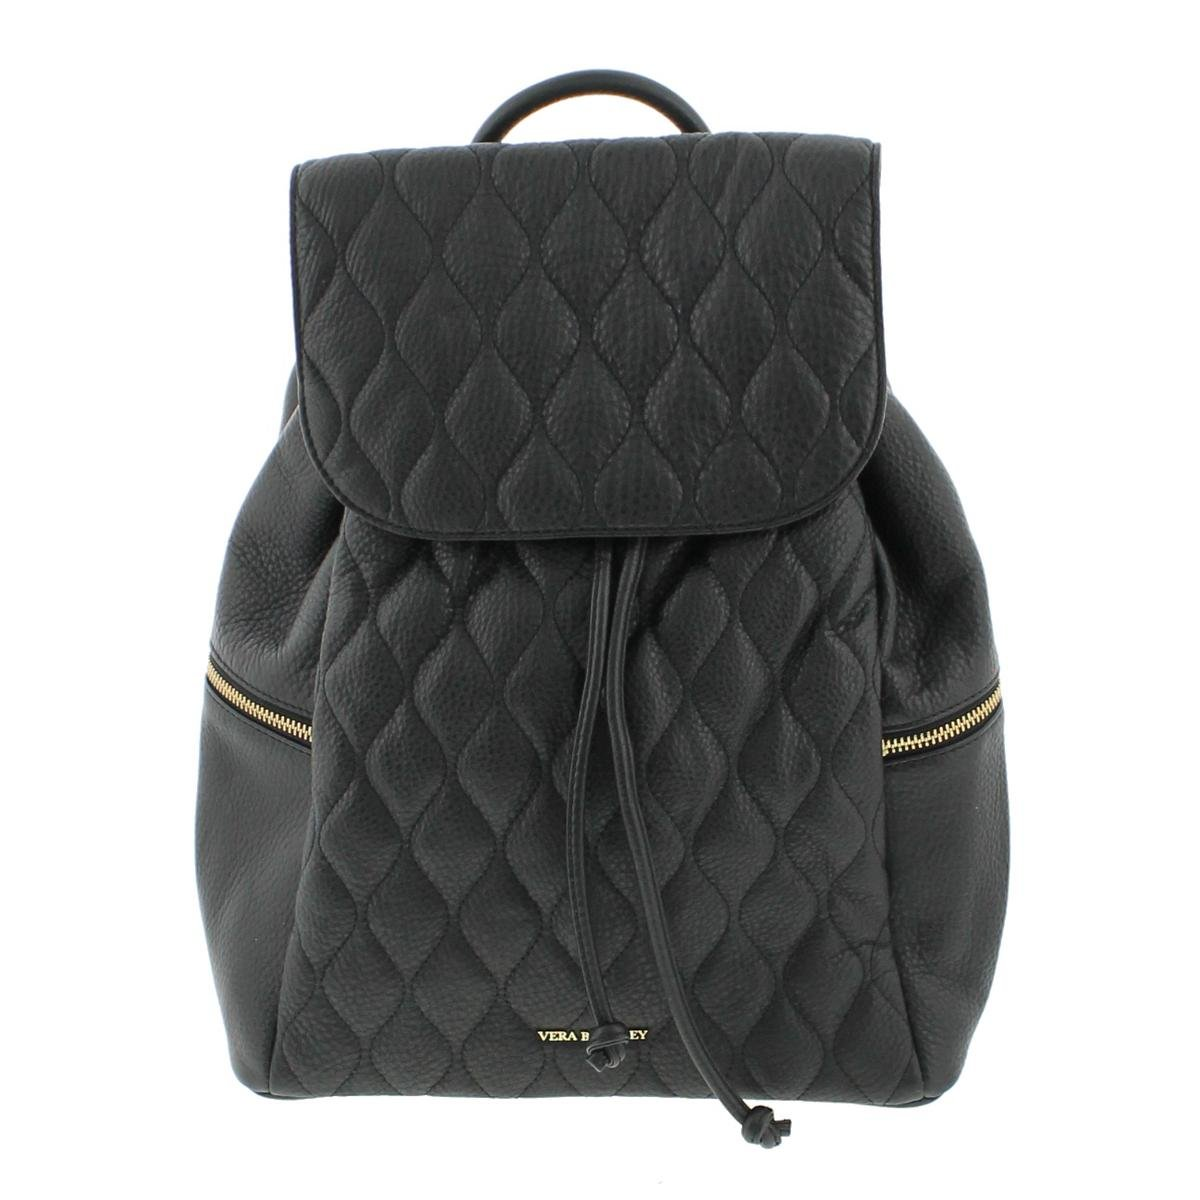 Vera Bradley Quilted Amy Backpack Shoulder Handbag, Black, One Size